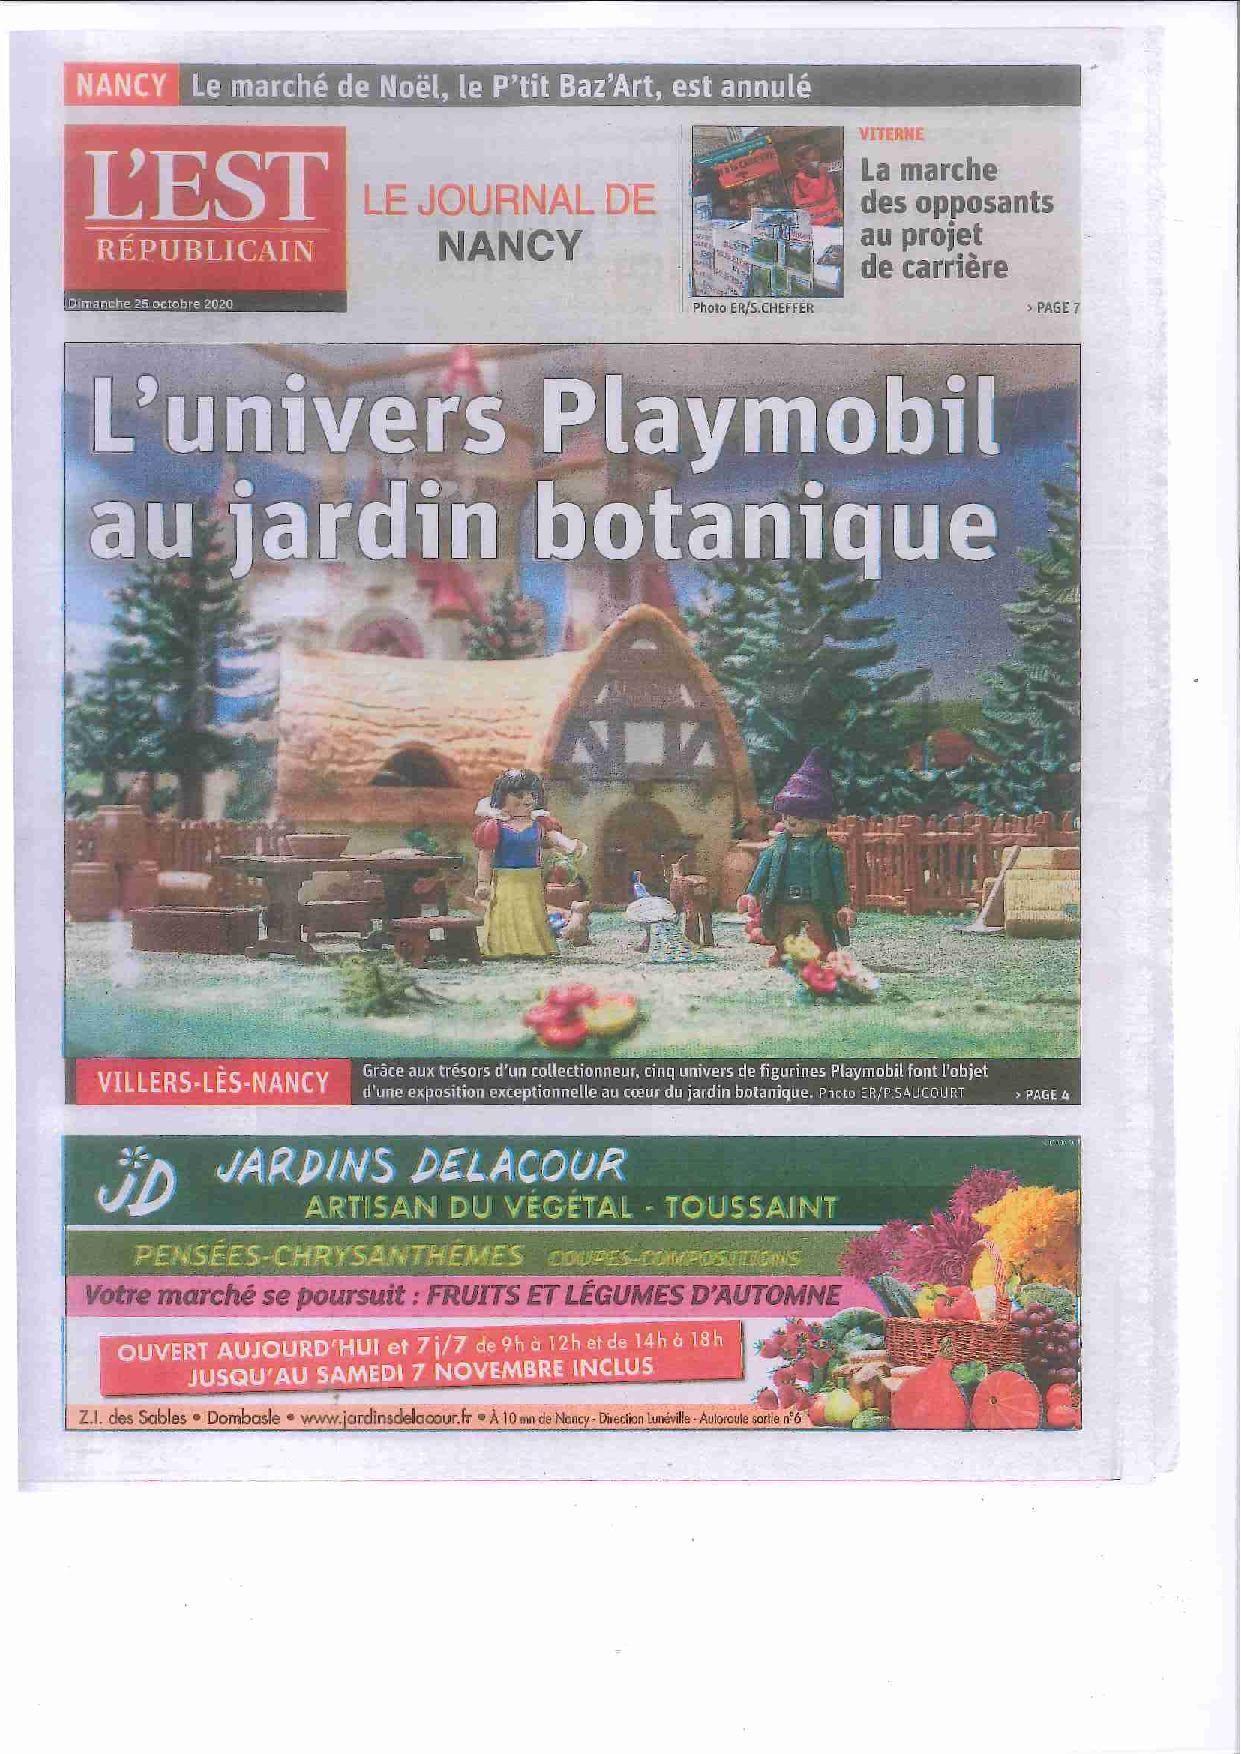 Nancy 2020 est republican playmobil jardin des plantes page 001